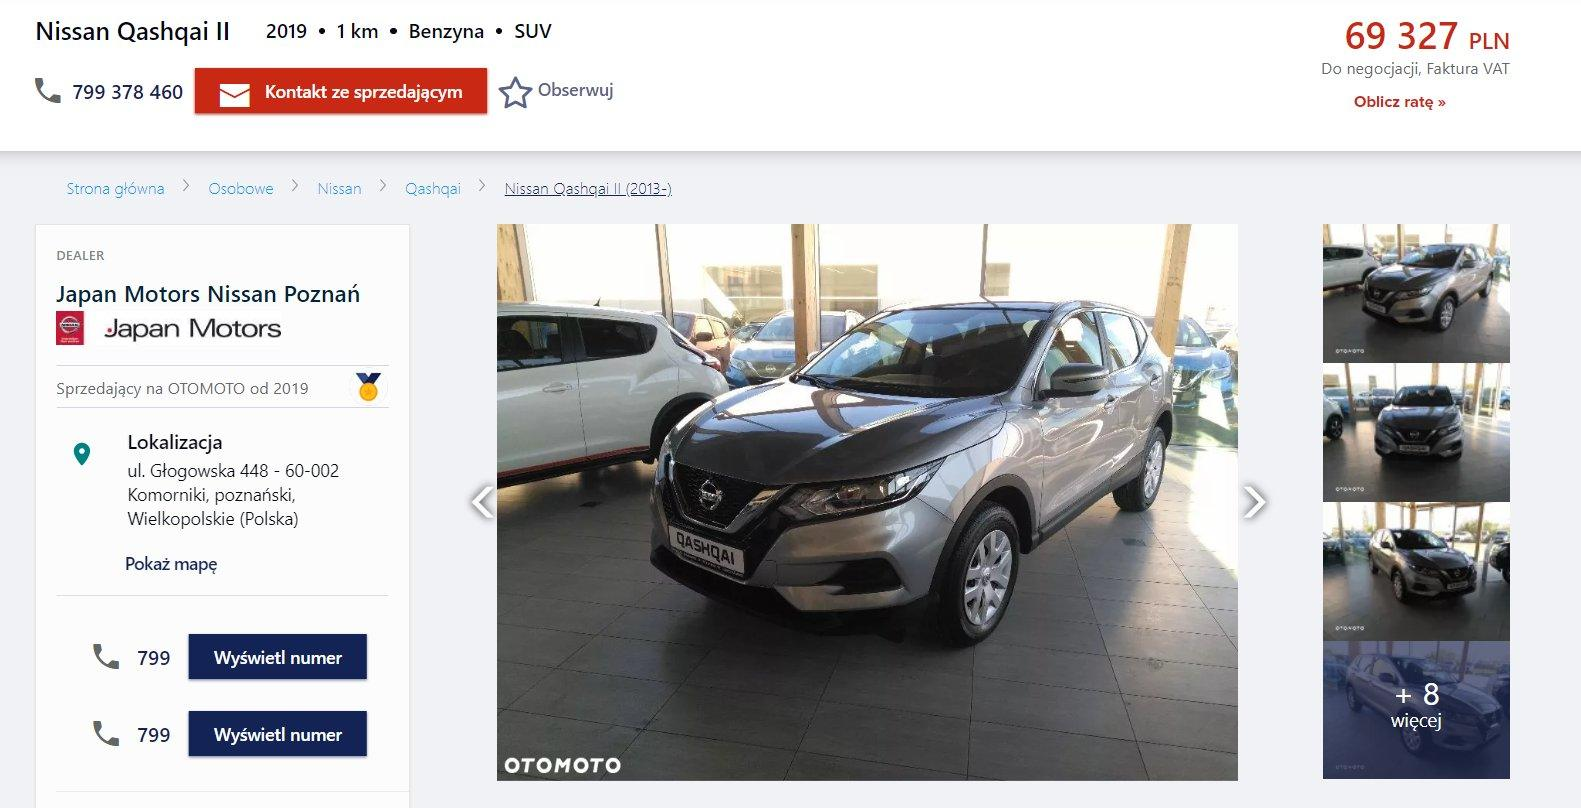 Oferta sprzedaży: Nissan Qashqai, źródło: OtoMoto